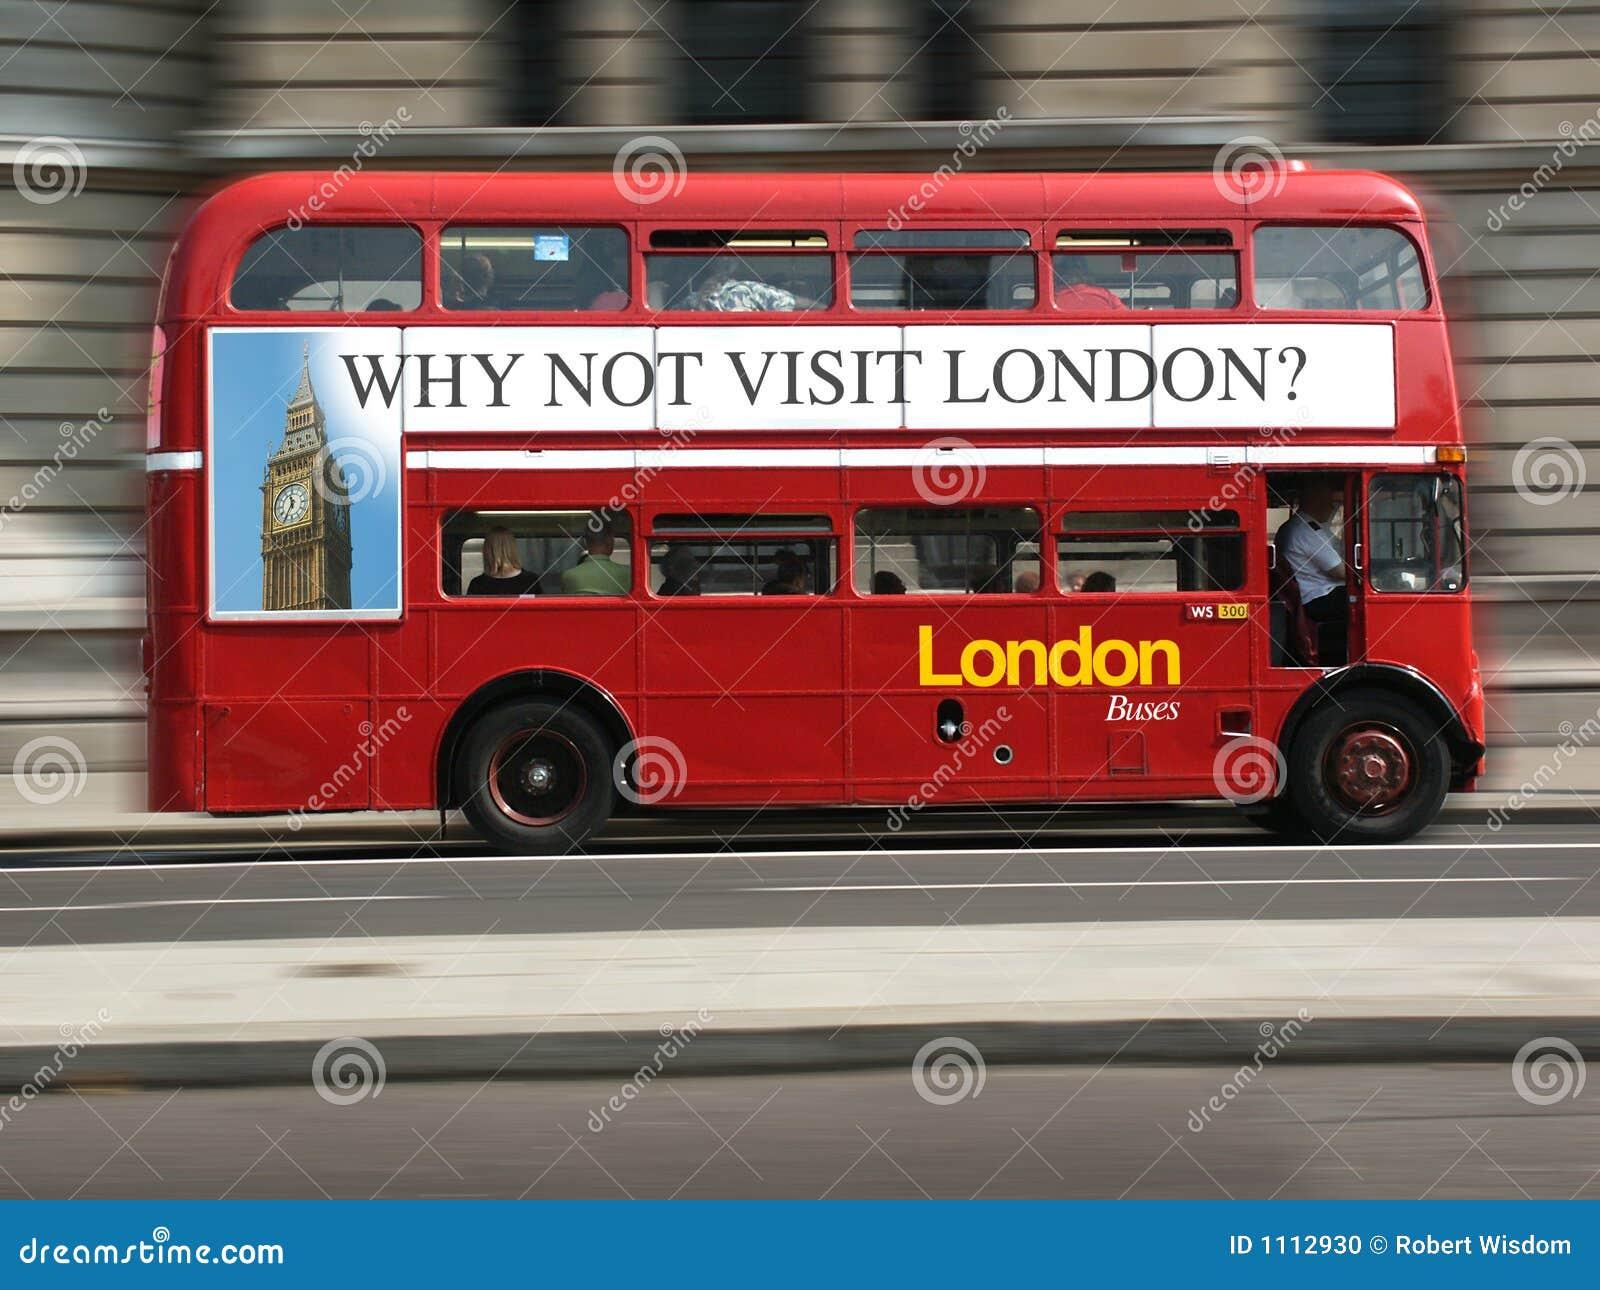 london bus stockfoto bild von busse wege unsch rfe 1112930. Black Bedroom Furniture Sets. Home Design Ideas